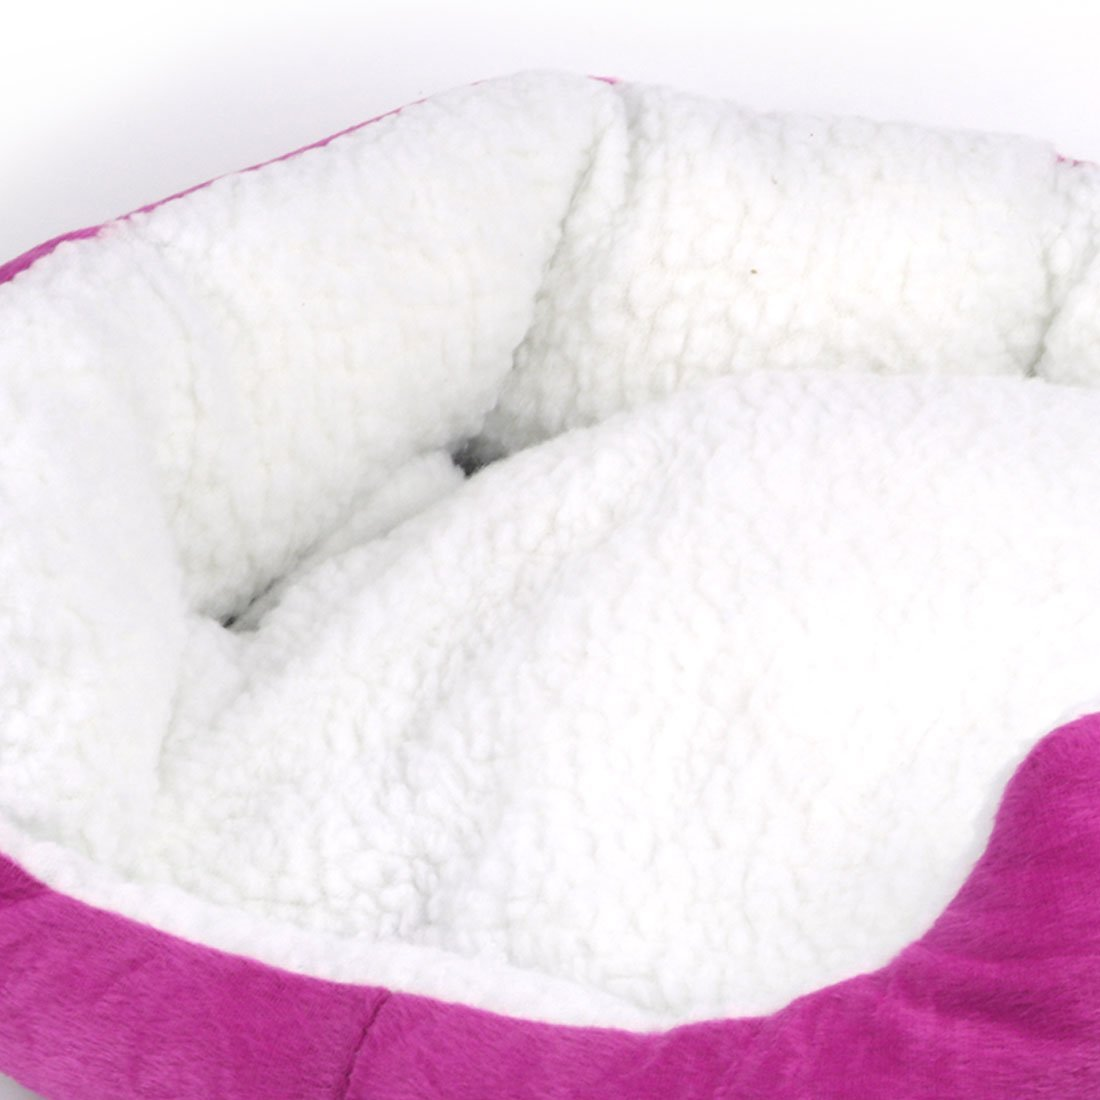 Amazon.com : eDealMax Ronda de paño grueso y Suave de la cueva de anidamiento perro cama del gato cama del Animal doméstico Suave lavable Caliente cesta ...